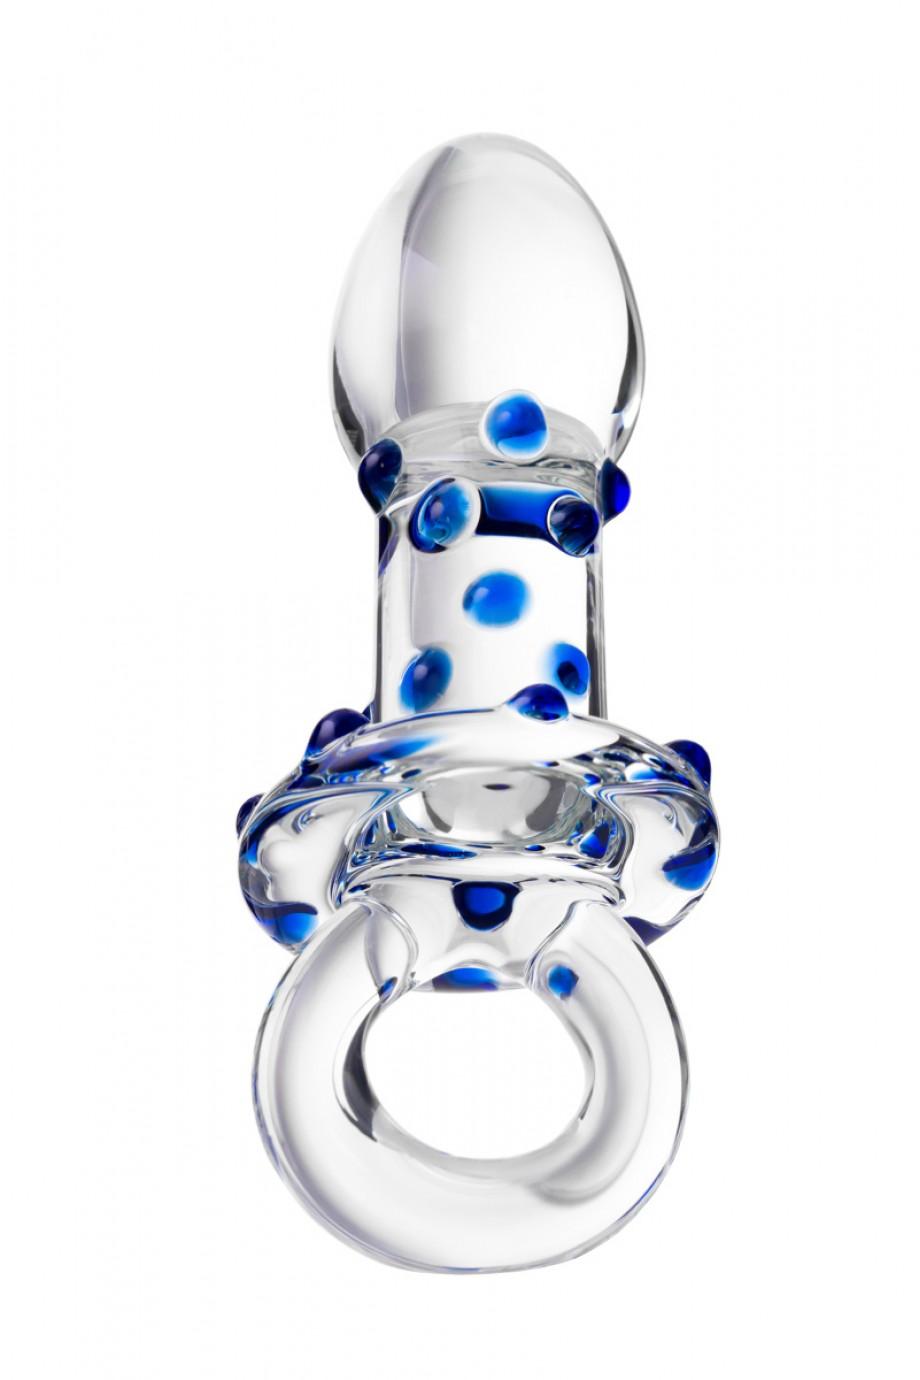 Анальная пробка Sexus Glass, Стекло, Прозрачный, 12,7 см